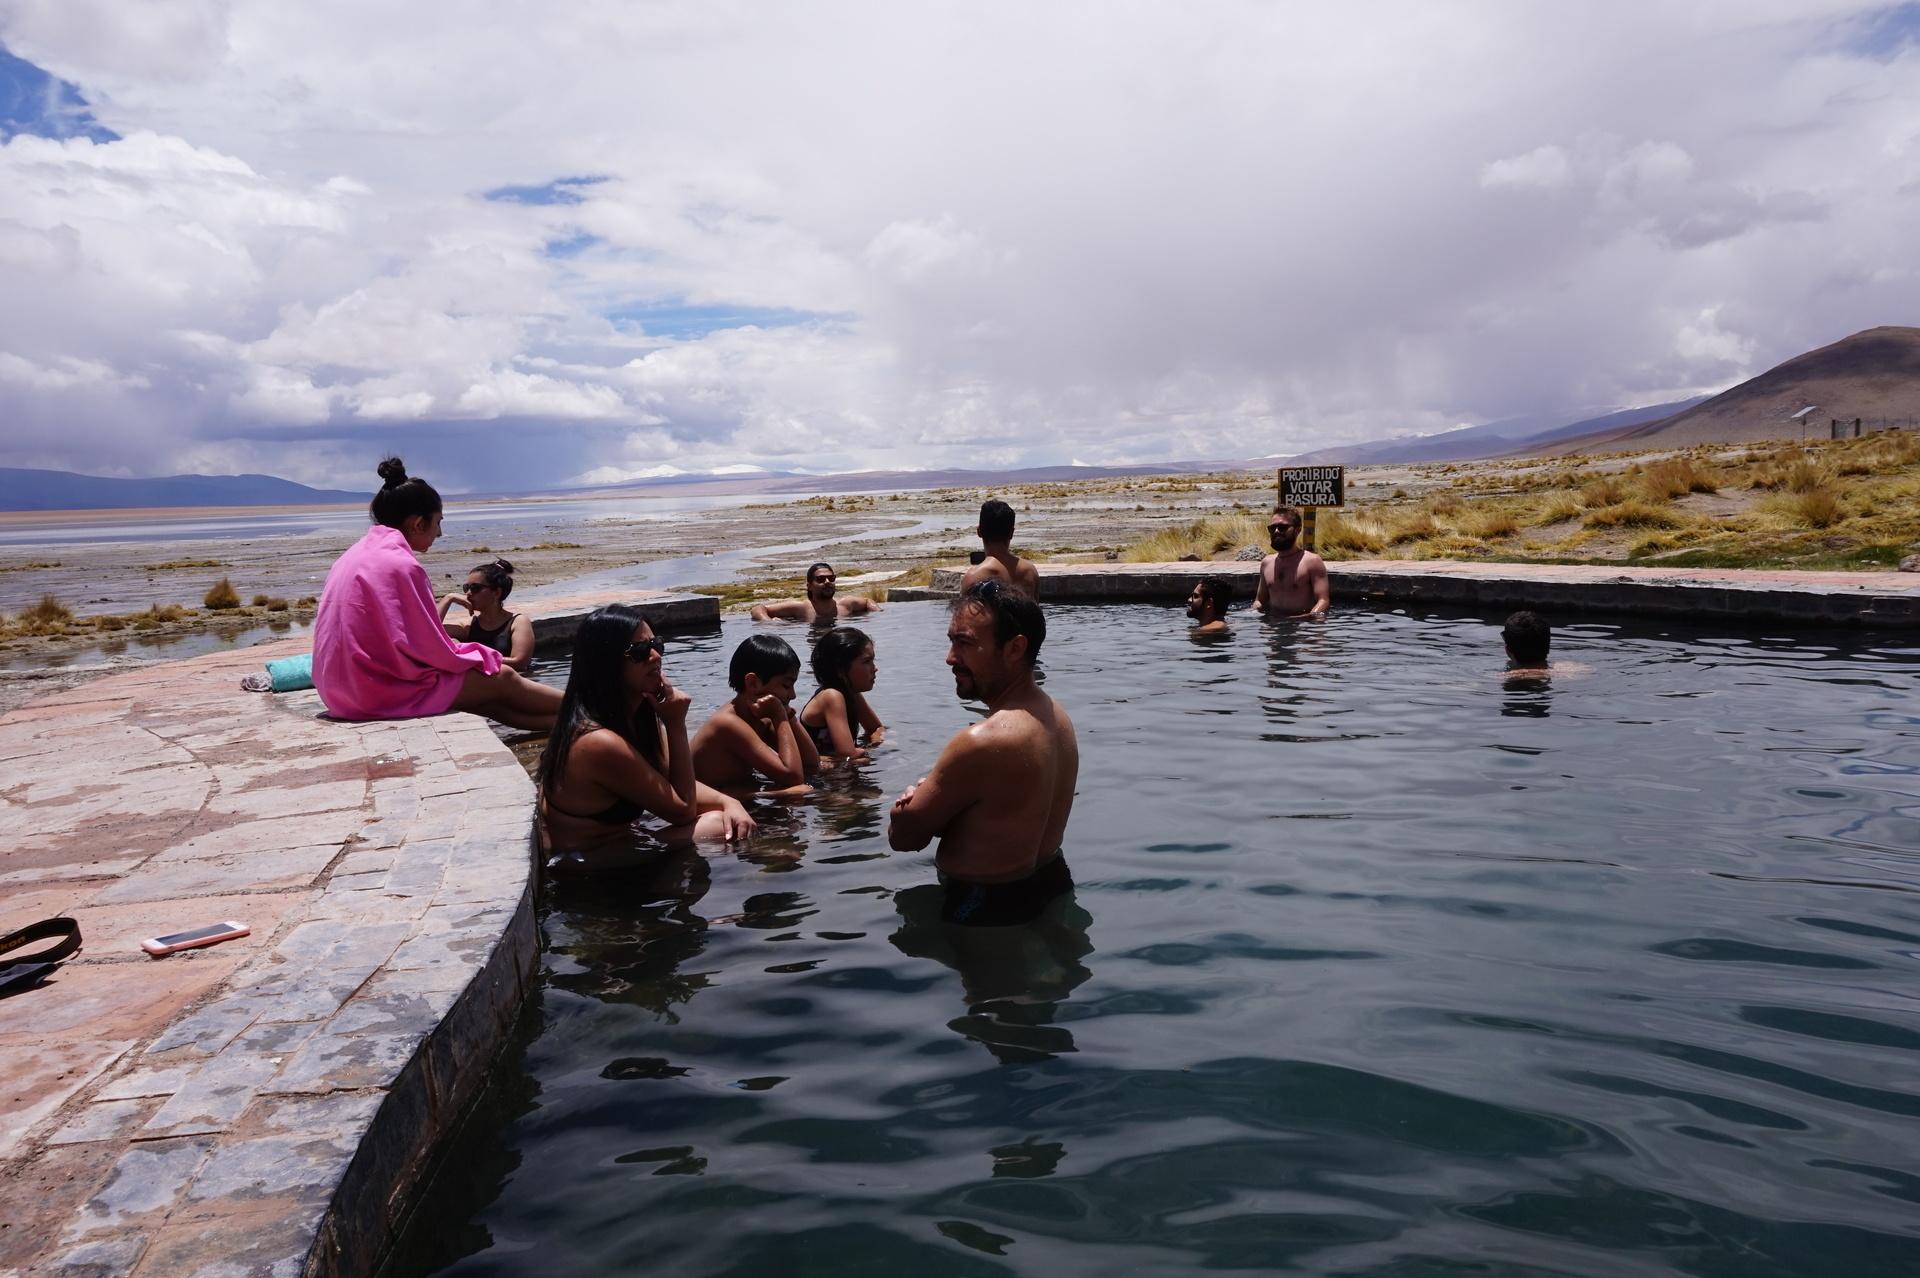 チリ ボリビア ウユニ旅行 2泊3日ツアー 温泉3